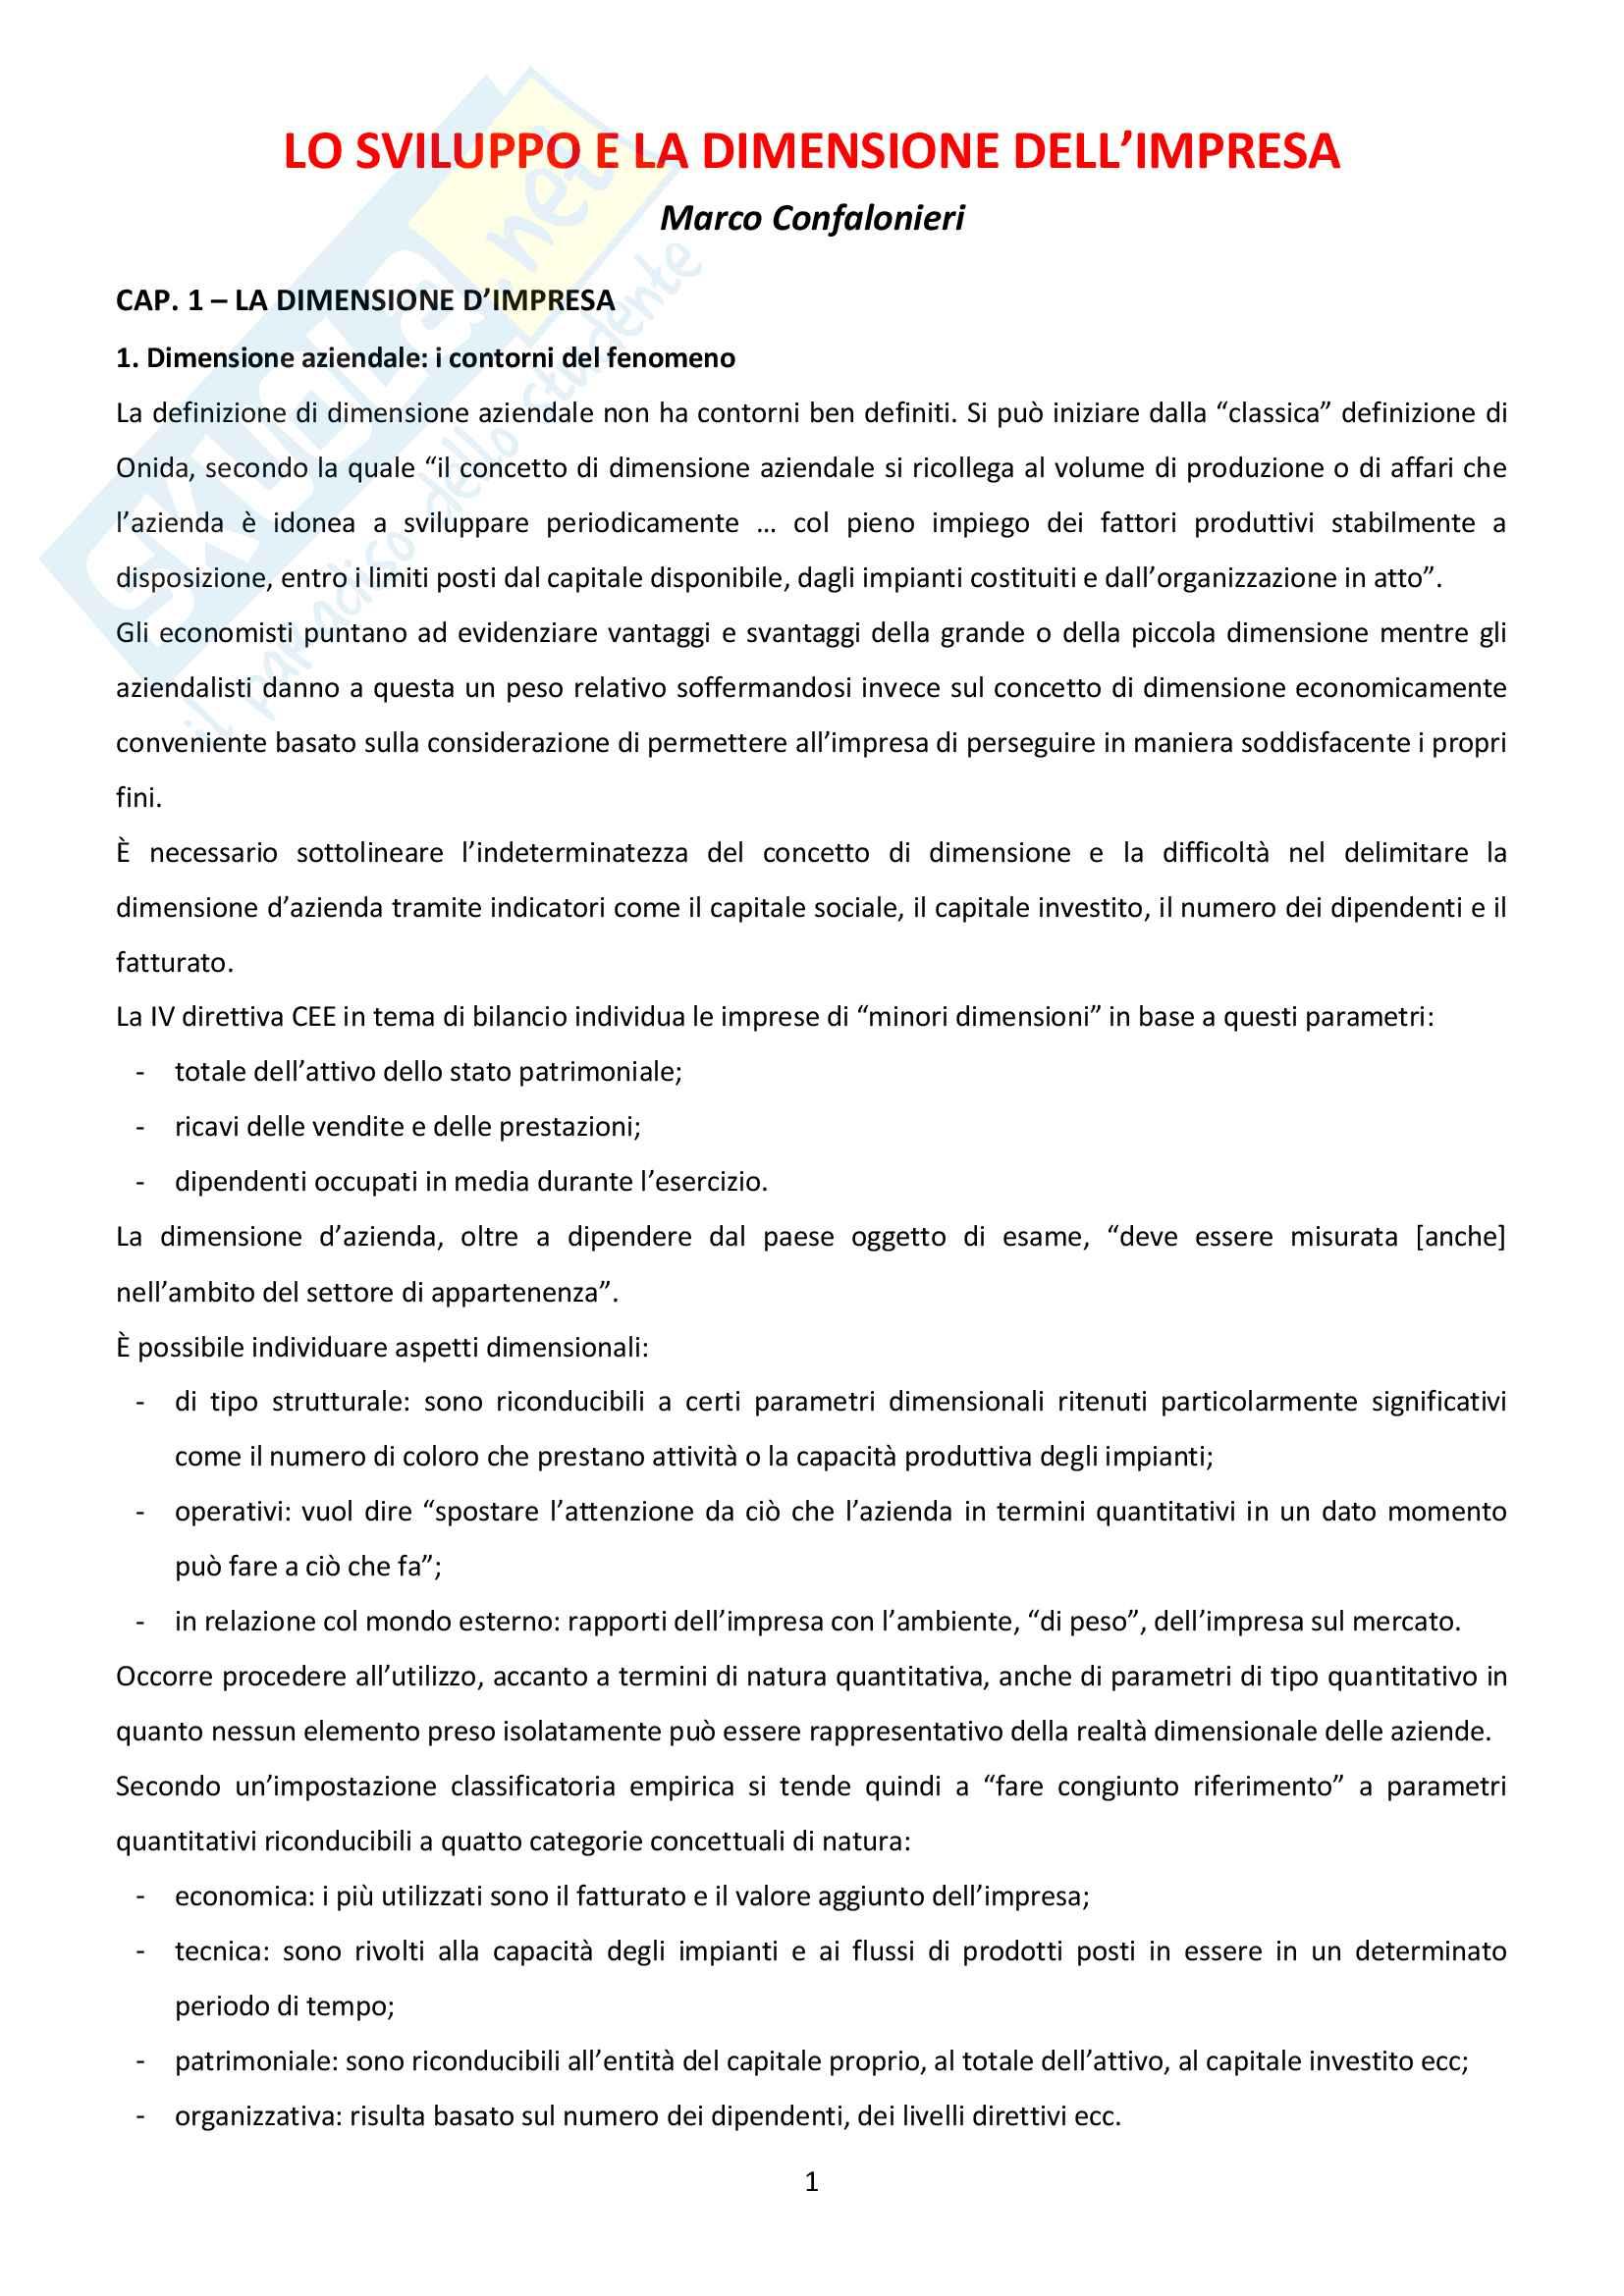 Riassunto esame di Economia Aziendale, prof. Fasana o Confalonieri, testo consigliato Lo Sviluppo E La Dimensione Dell'impresa